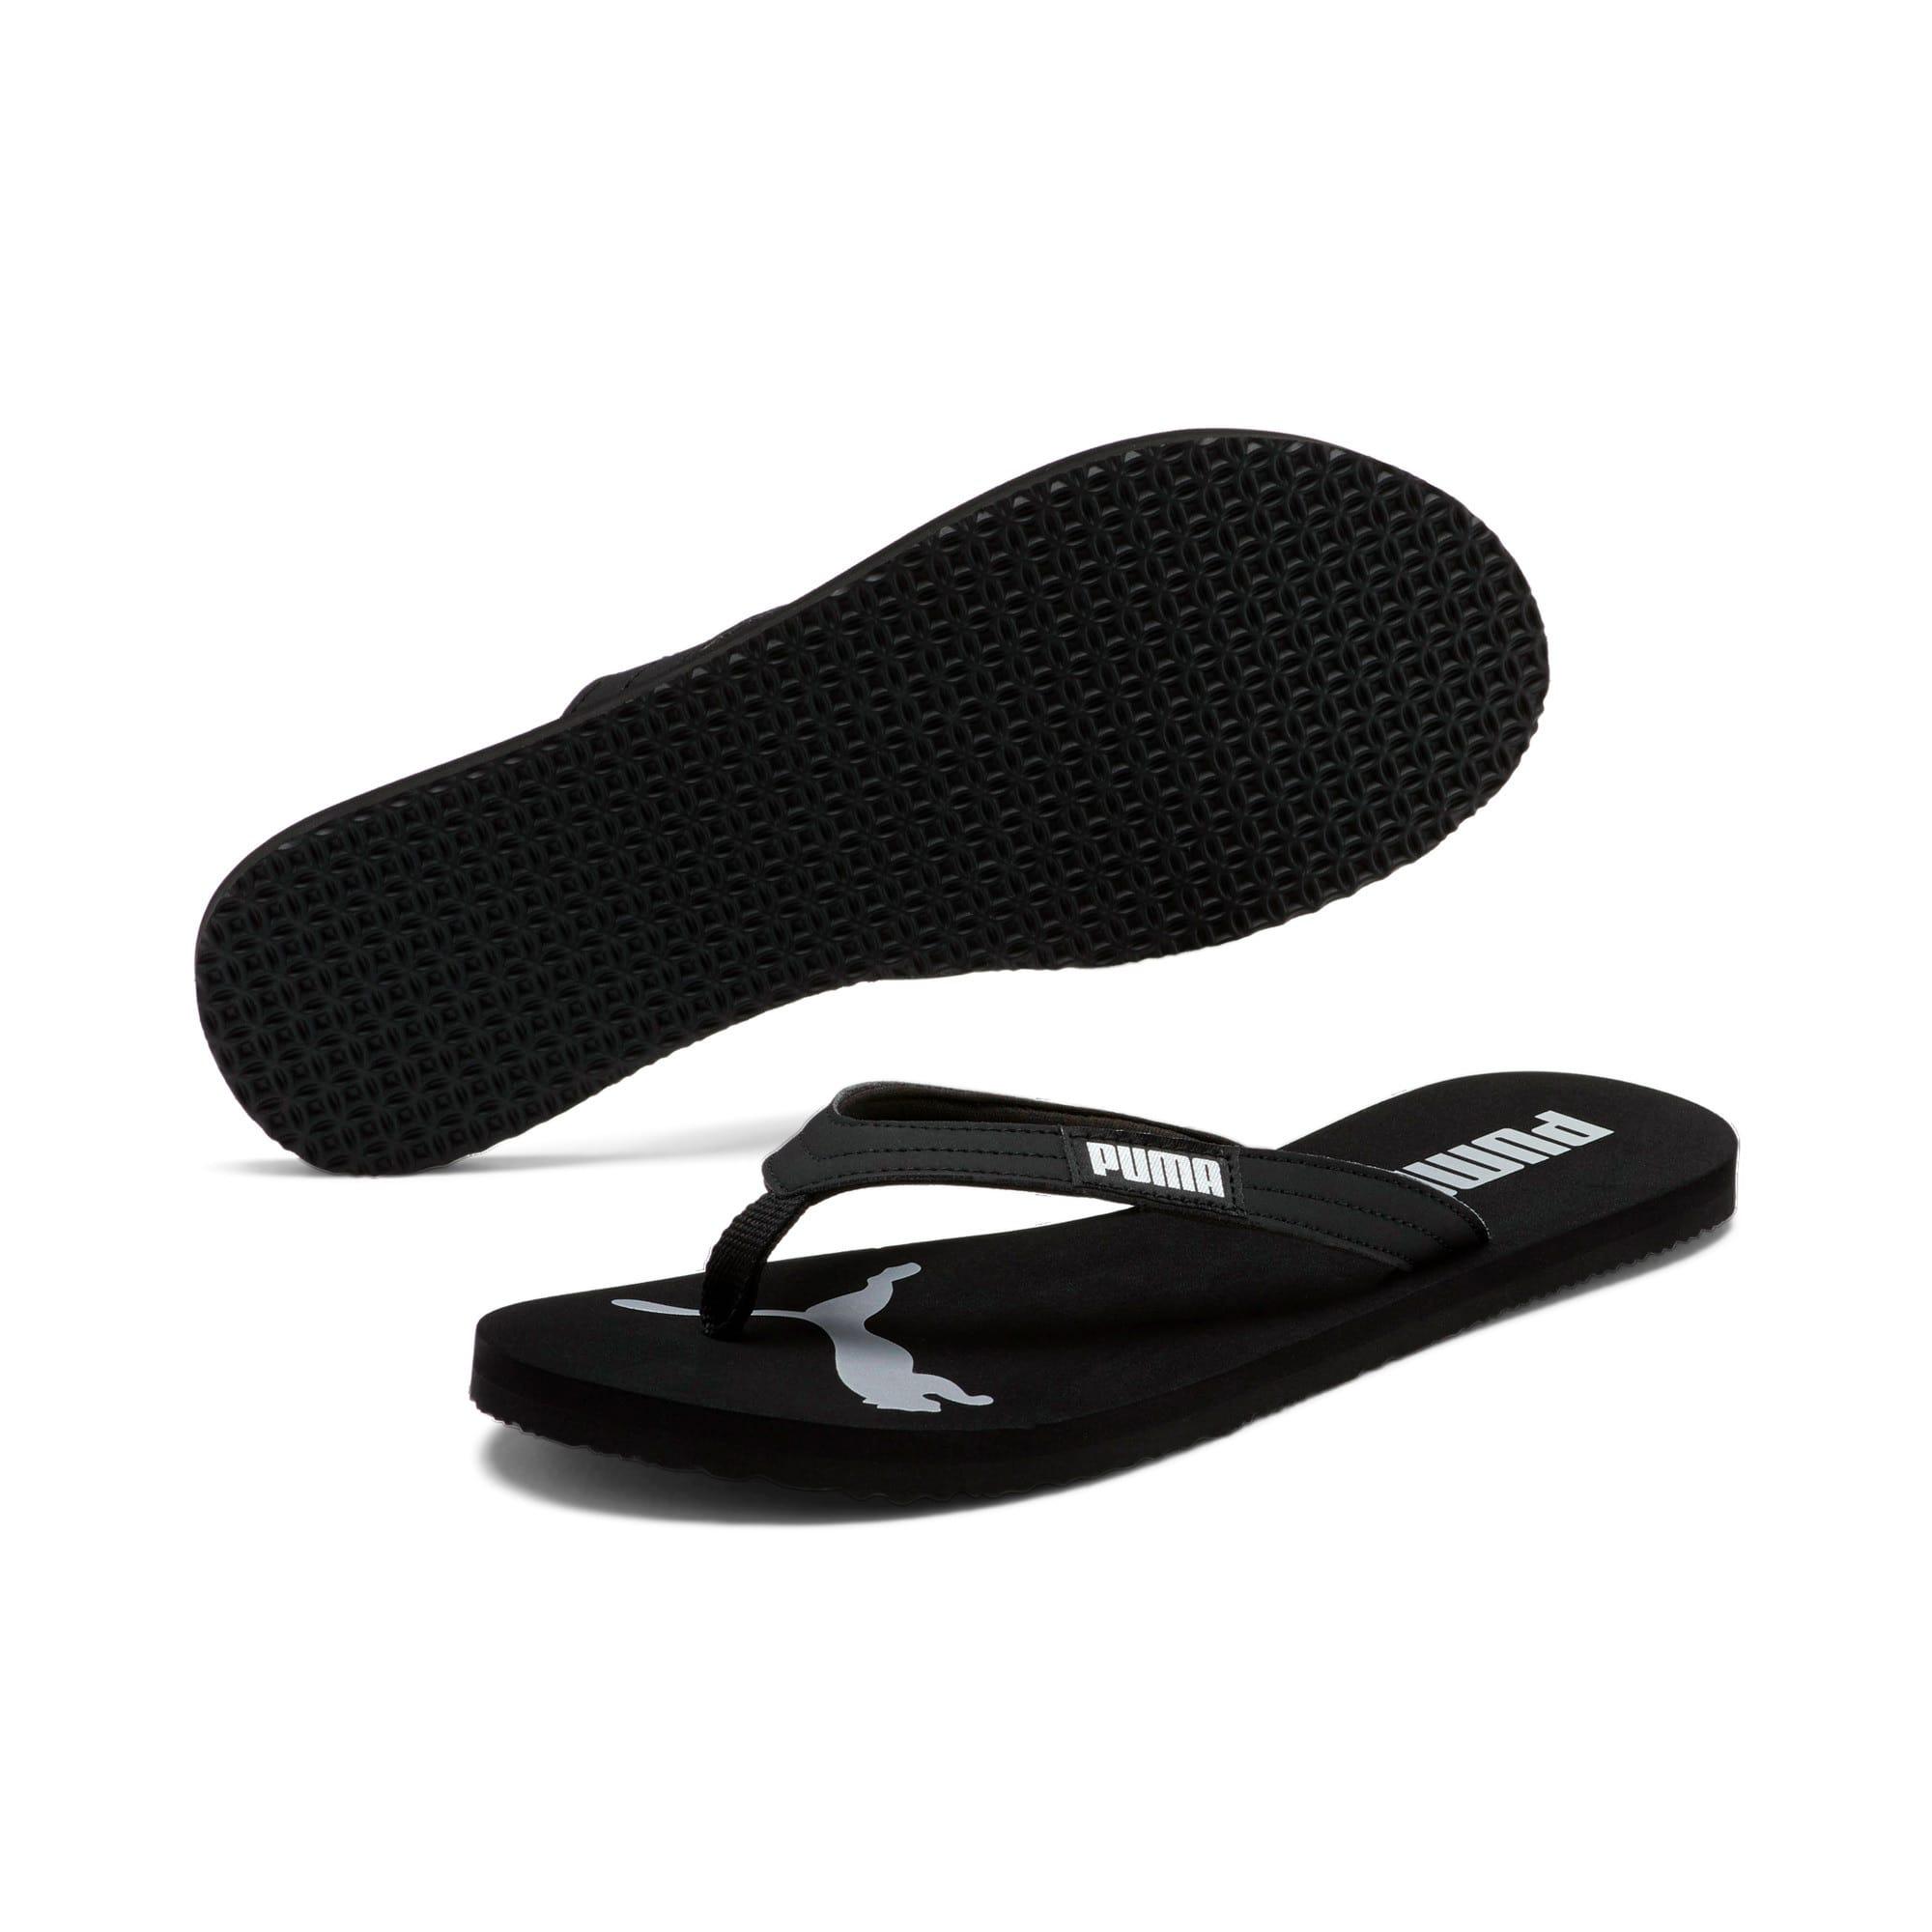 Miniatura 2 de Sandalias PUMA Cozy Flip para mujer, Puma Black-Puma Silver, mediano